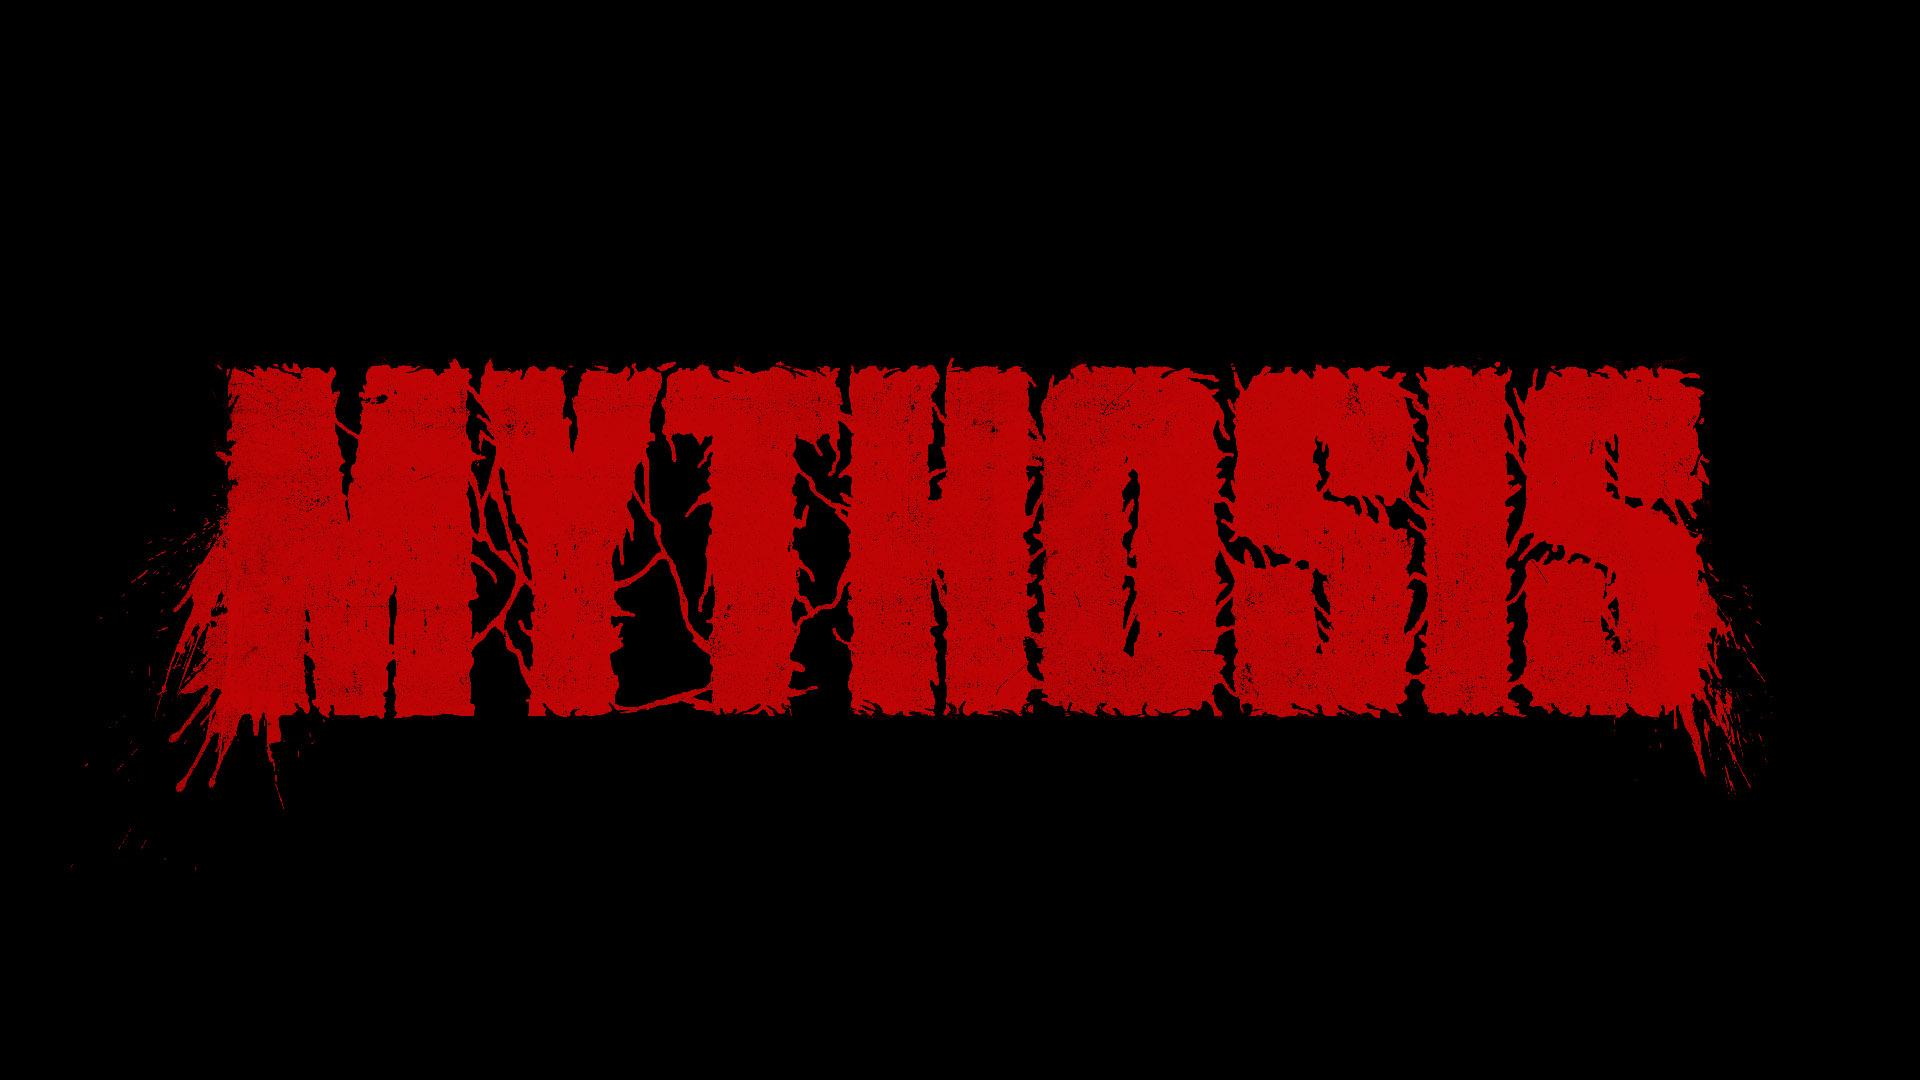 Mythosis